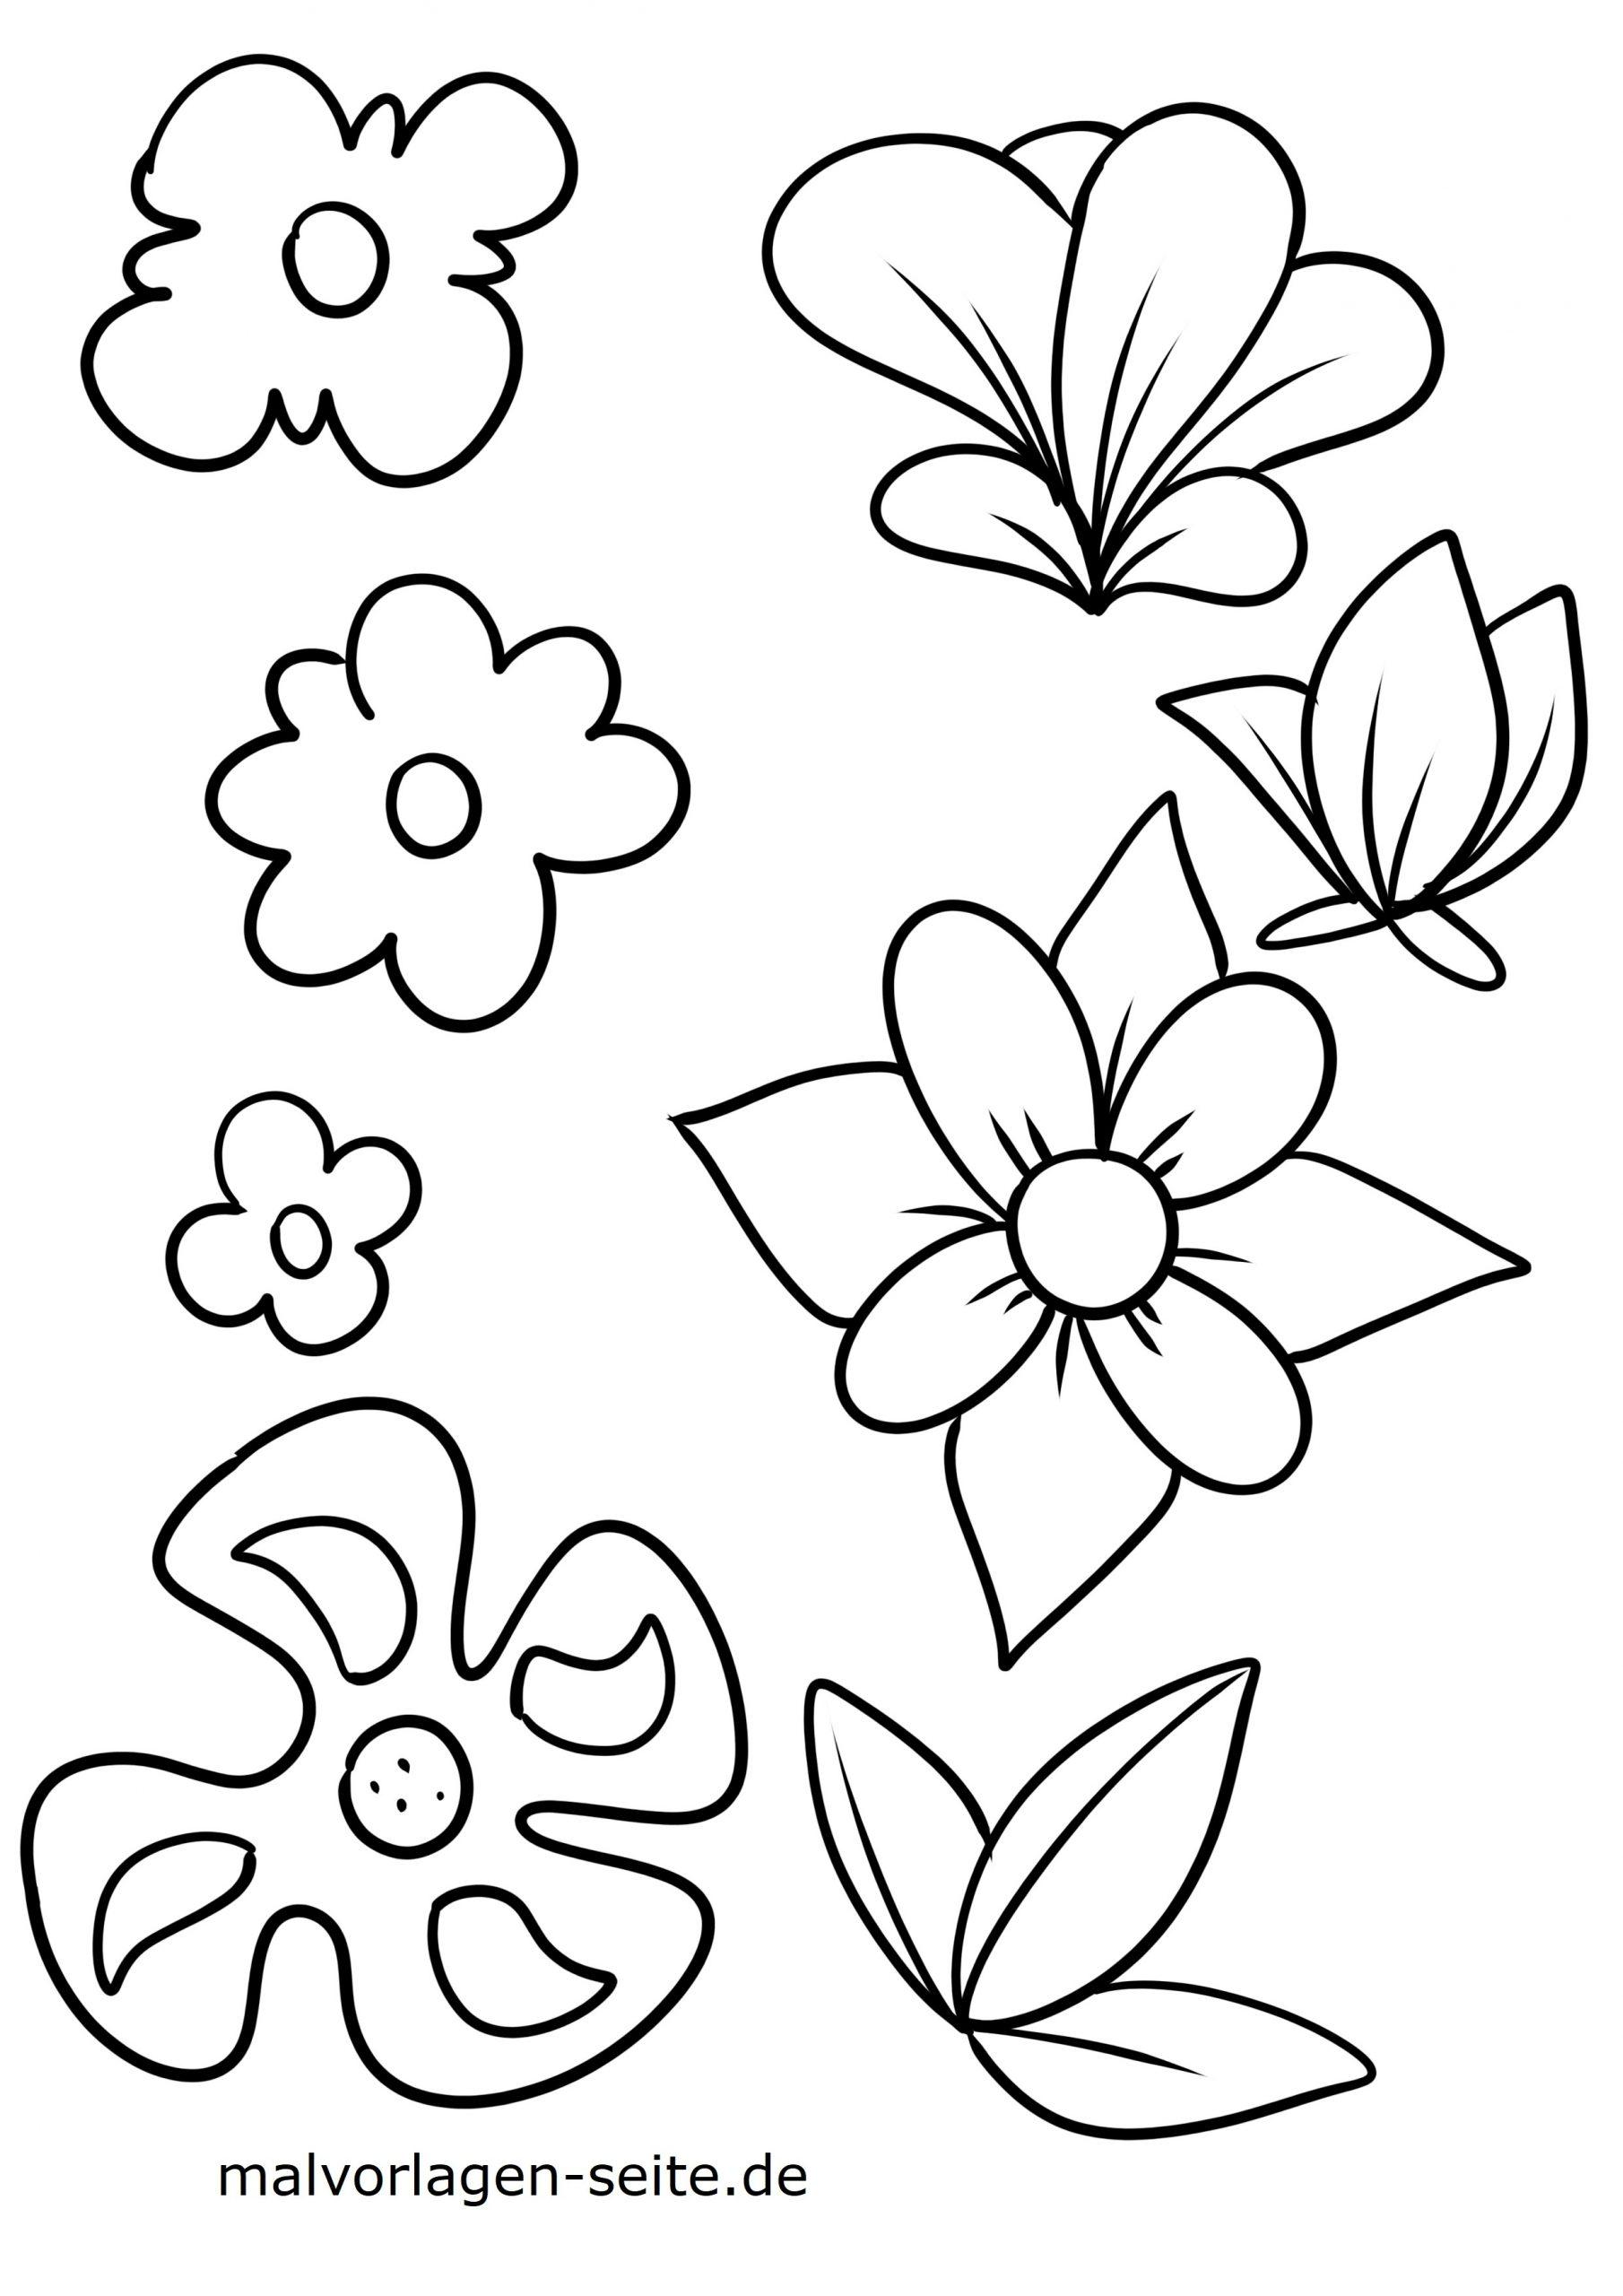 Malvorlage Blumen Blüten - Ausmalbilder Kostenlos Herunterladen verwandt mit Blumen Malvorlagen Kostenlos